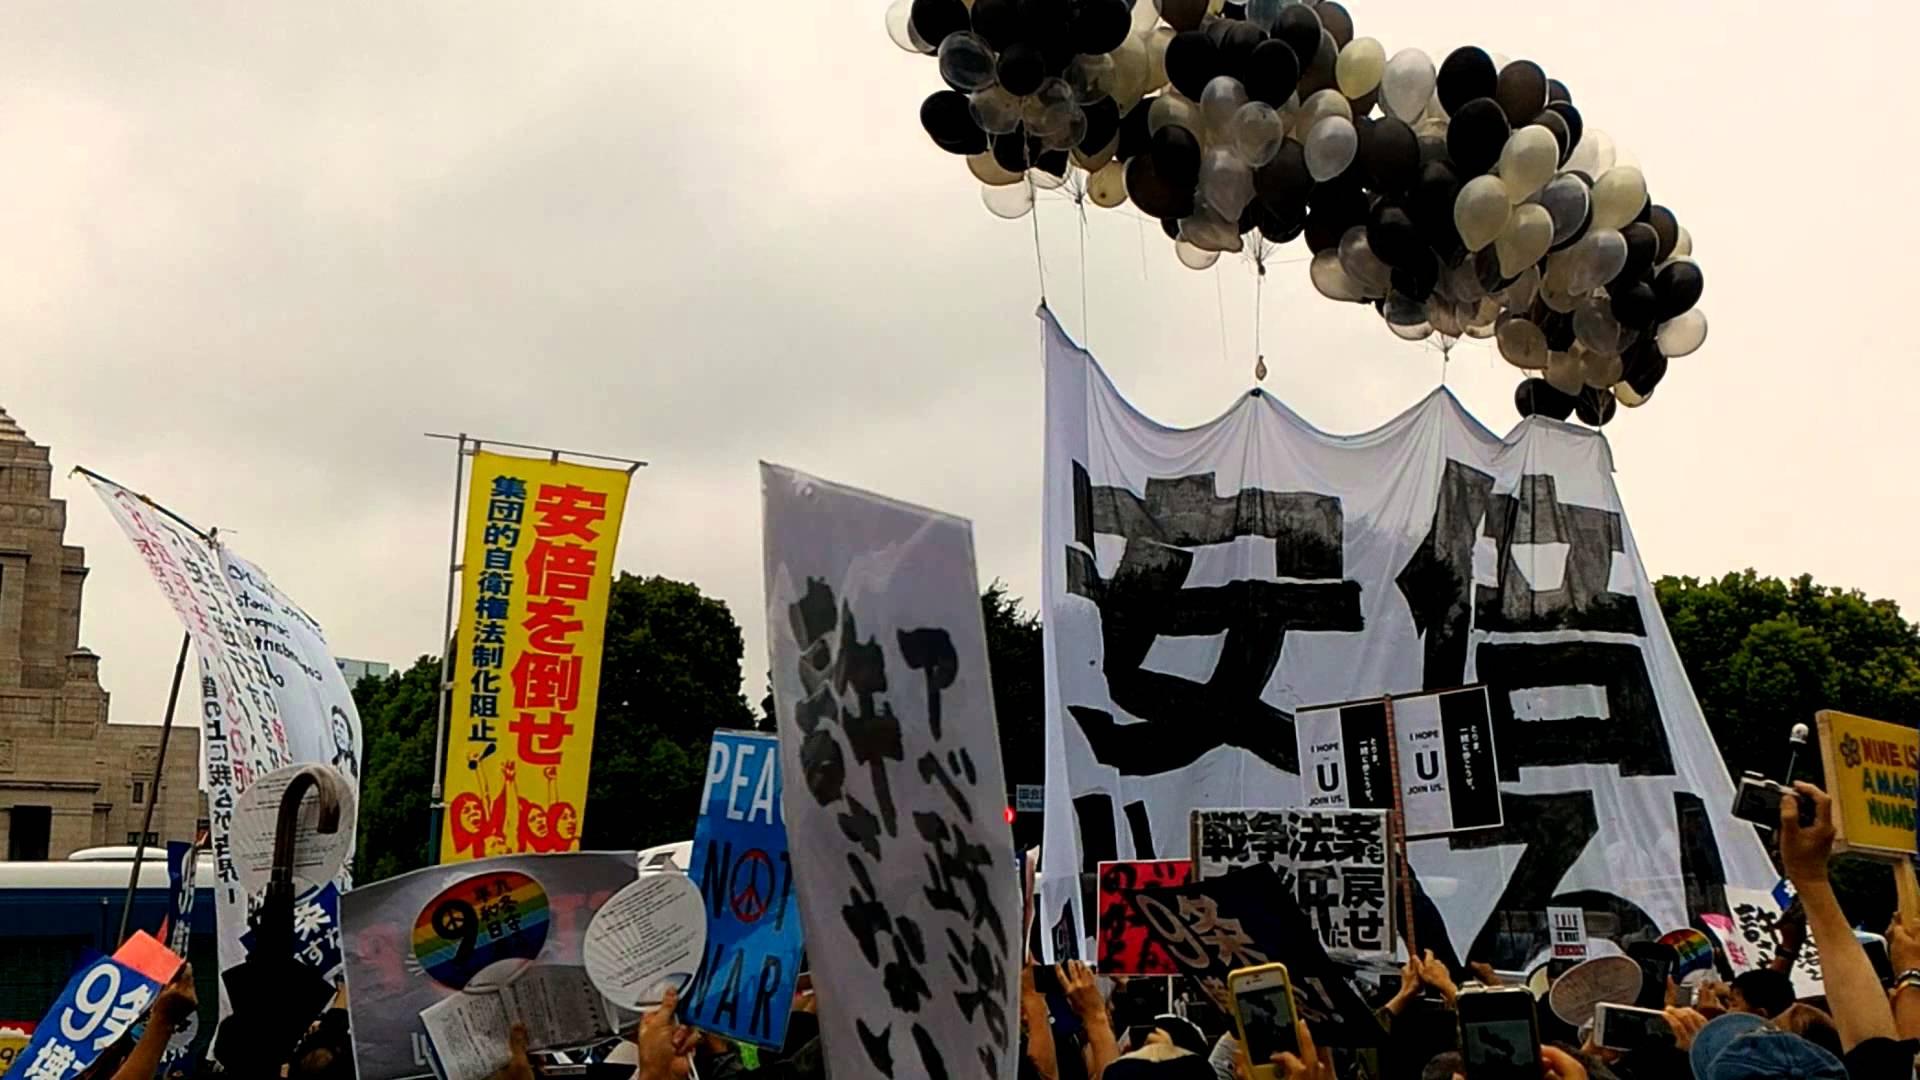 【こんな人たち】安倍やめろの巨大横断幕、「しばき隊」(代表・有田芳生)が2015年につくったものと一致。集団の正体が明らかに★2 [無断転載禁止]©2ch.netYouTube動画>5本 ->画像>76枚